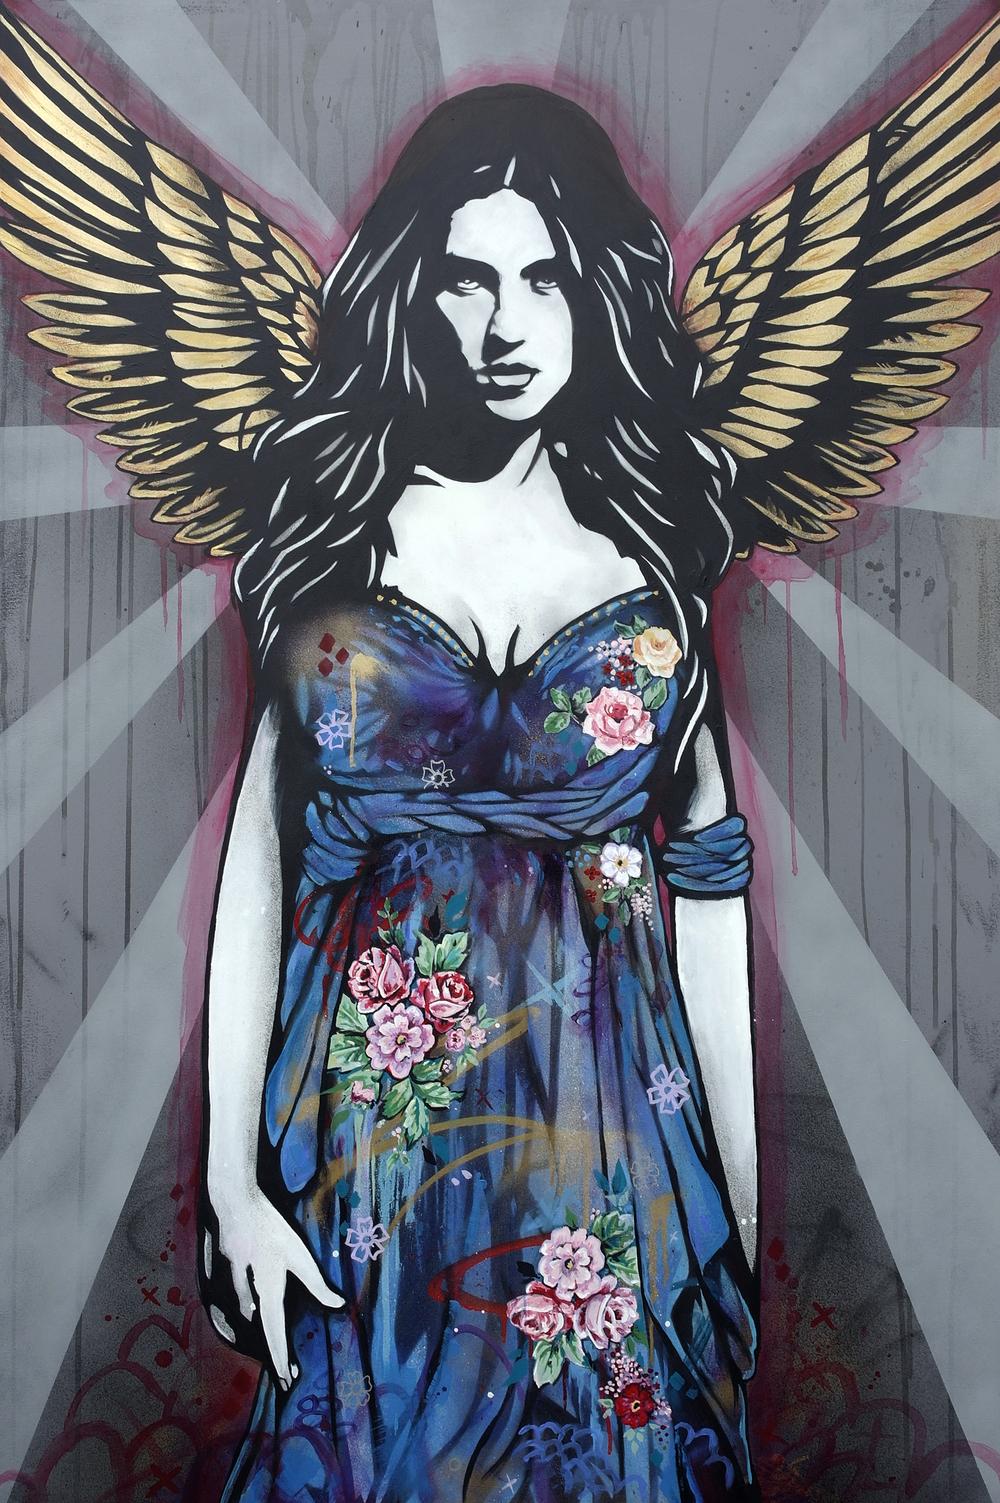 Gabriel Acrylic and Spray paint on canvas,  100 x 150 cm, £3300 006.JPG